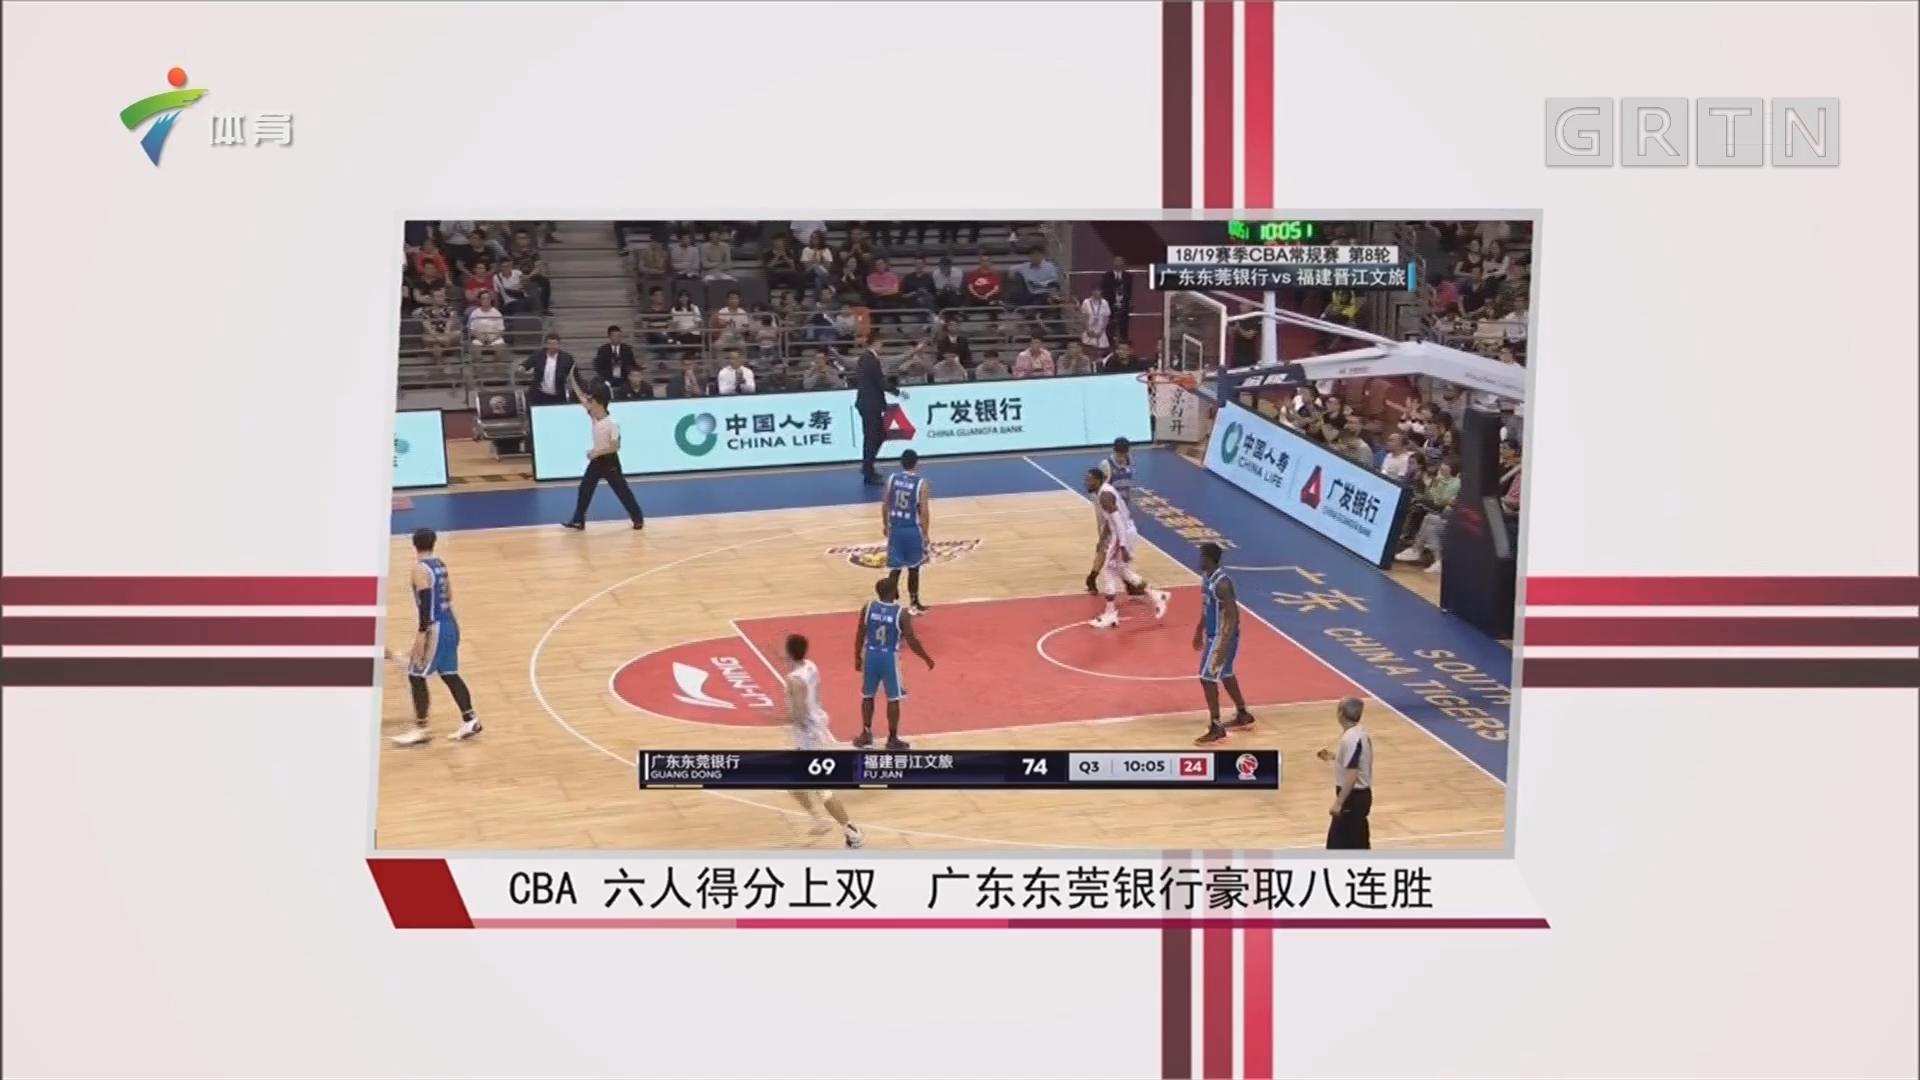 CBA 六人得分上双 广东东莞银行豪取八连胜